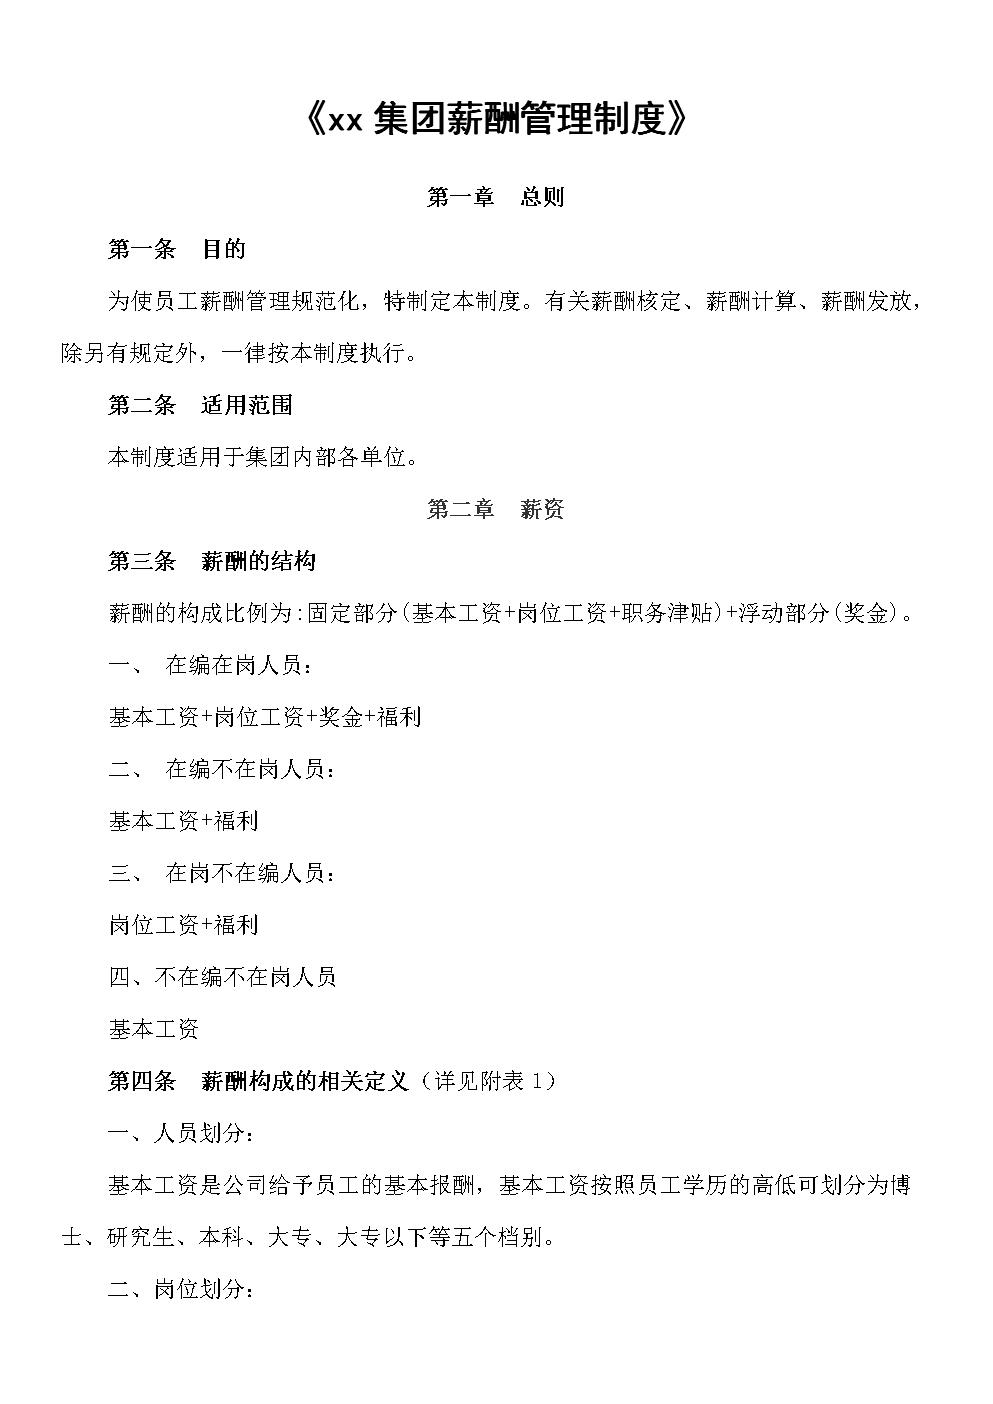 集团公司薪酬管理制度模版.doc